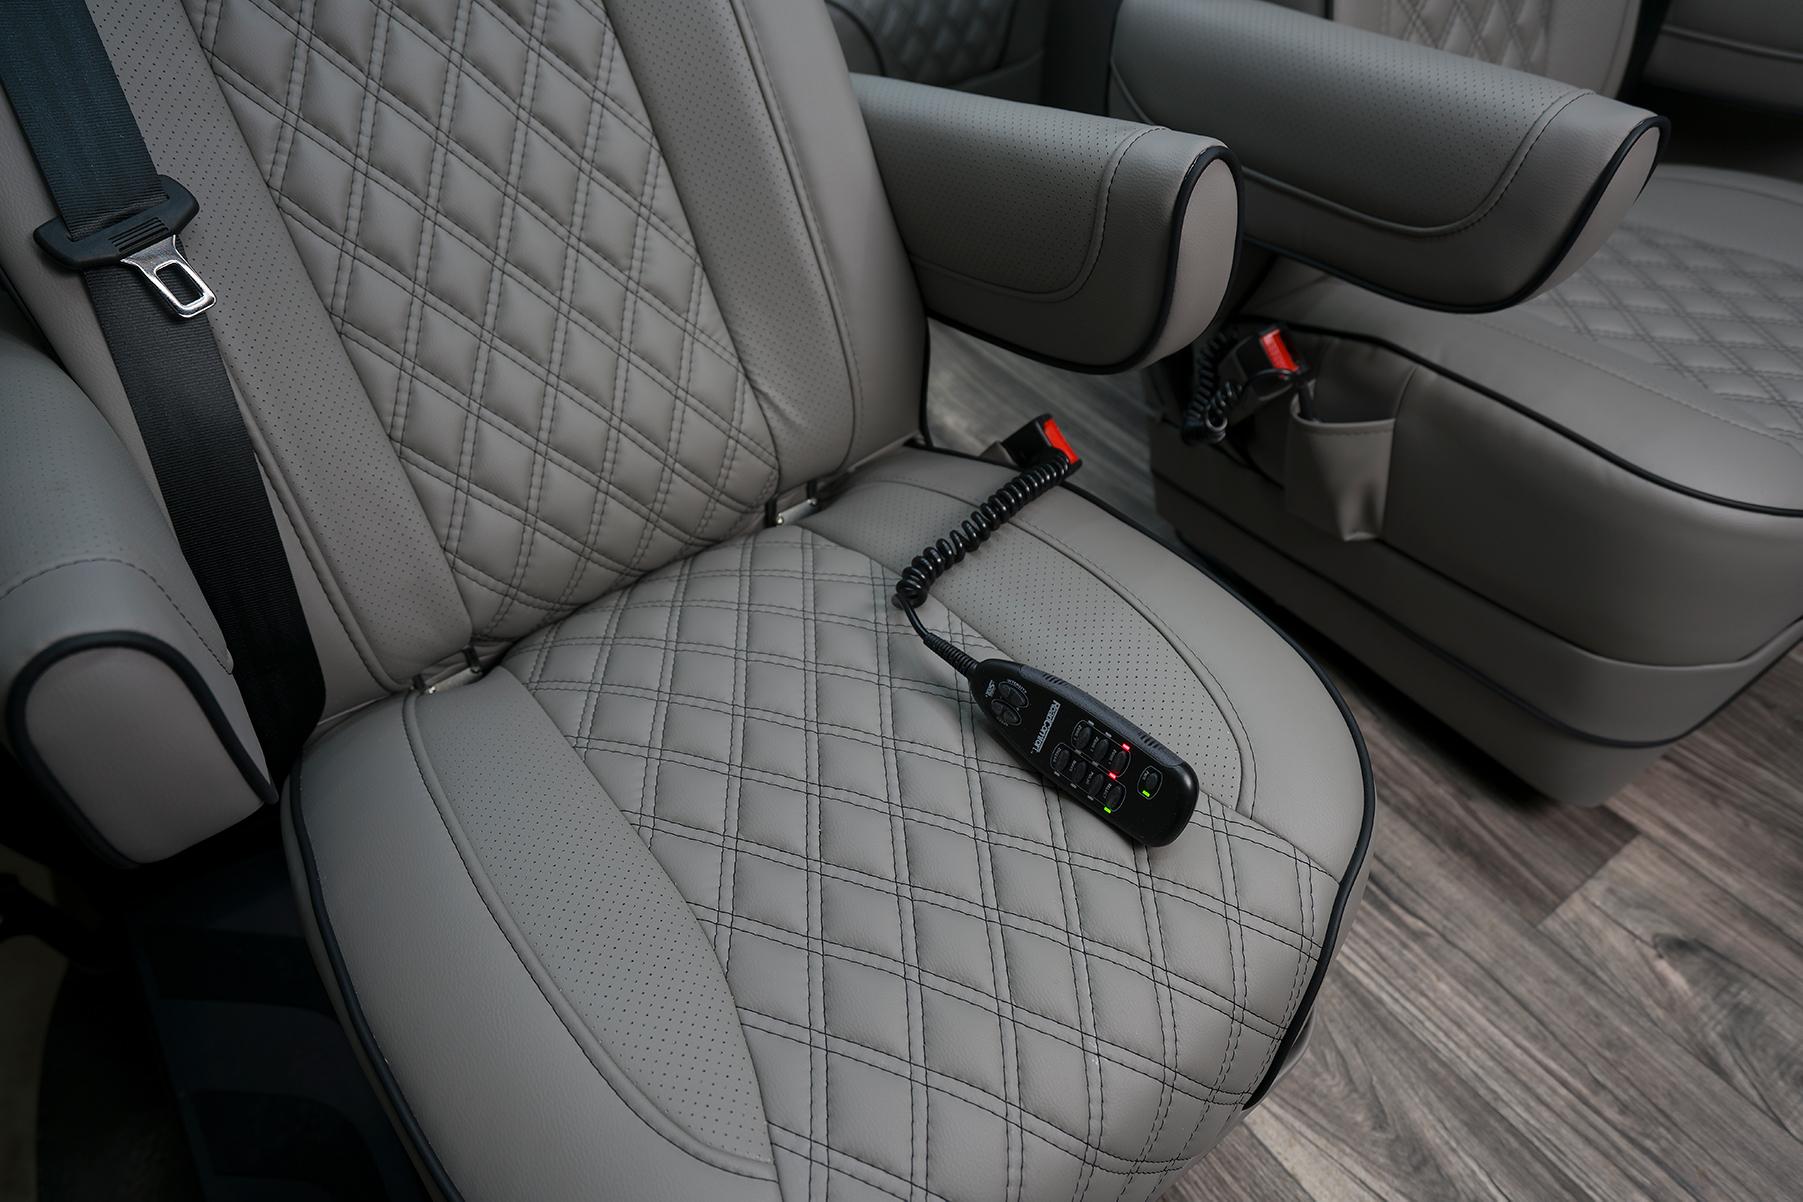 PC Patriot Cruiser Seat Control